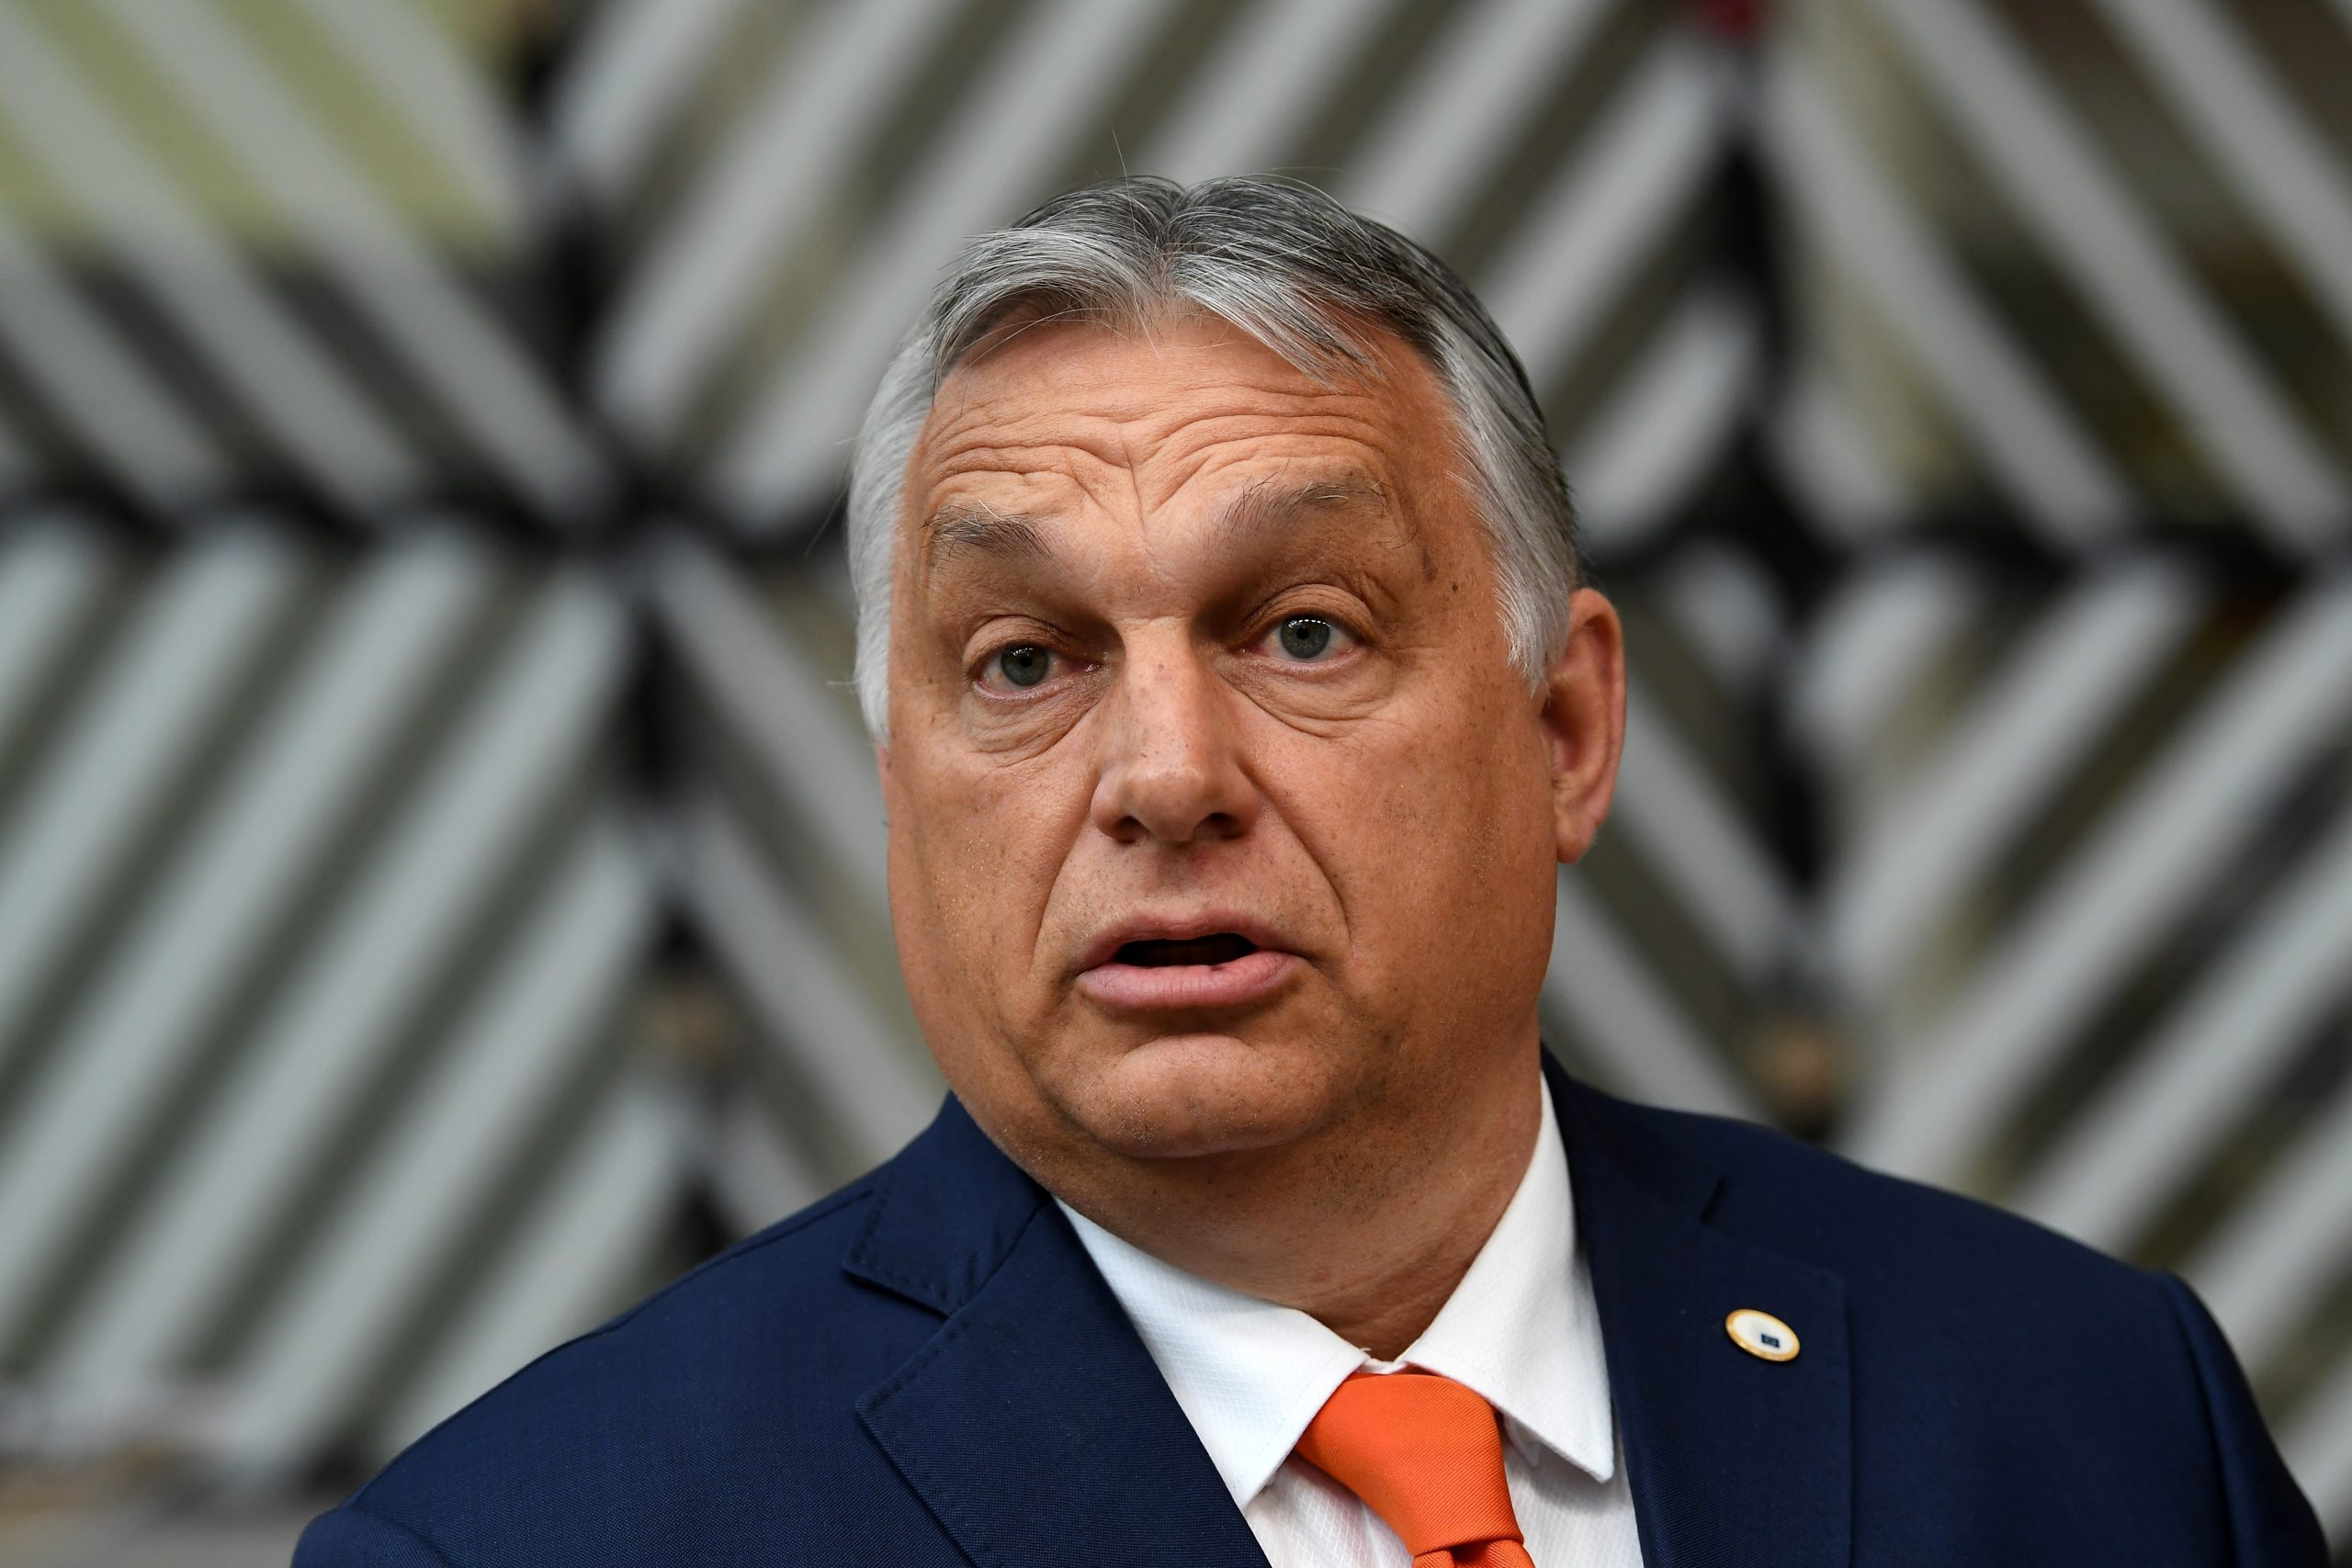 Auf Ungarisch: Hamburger Verlag will Orban aufklären | MOPO